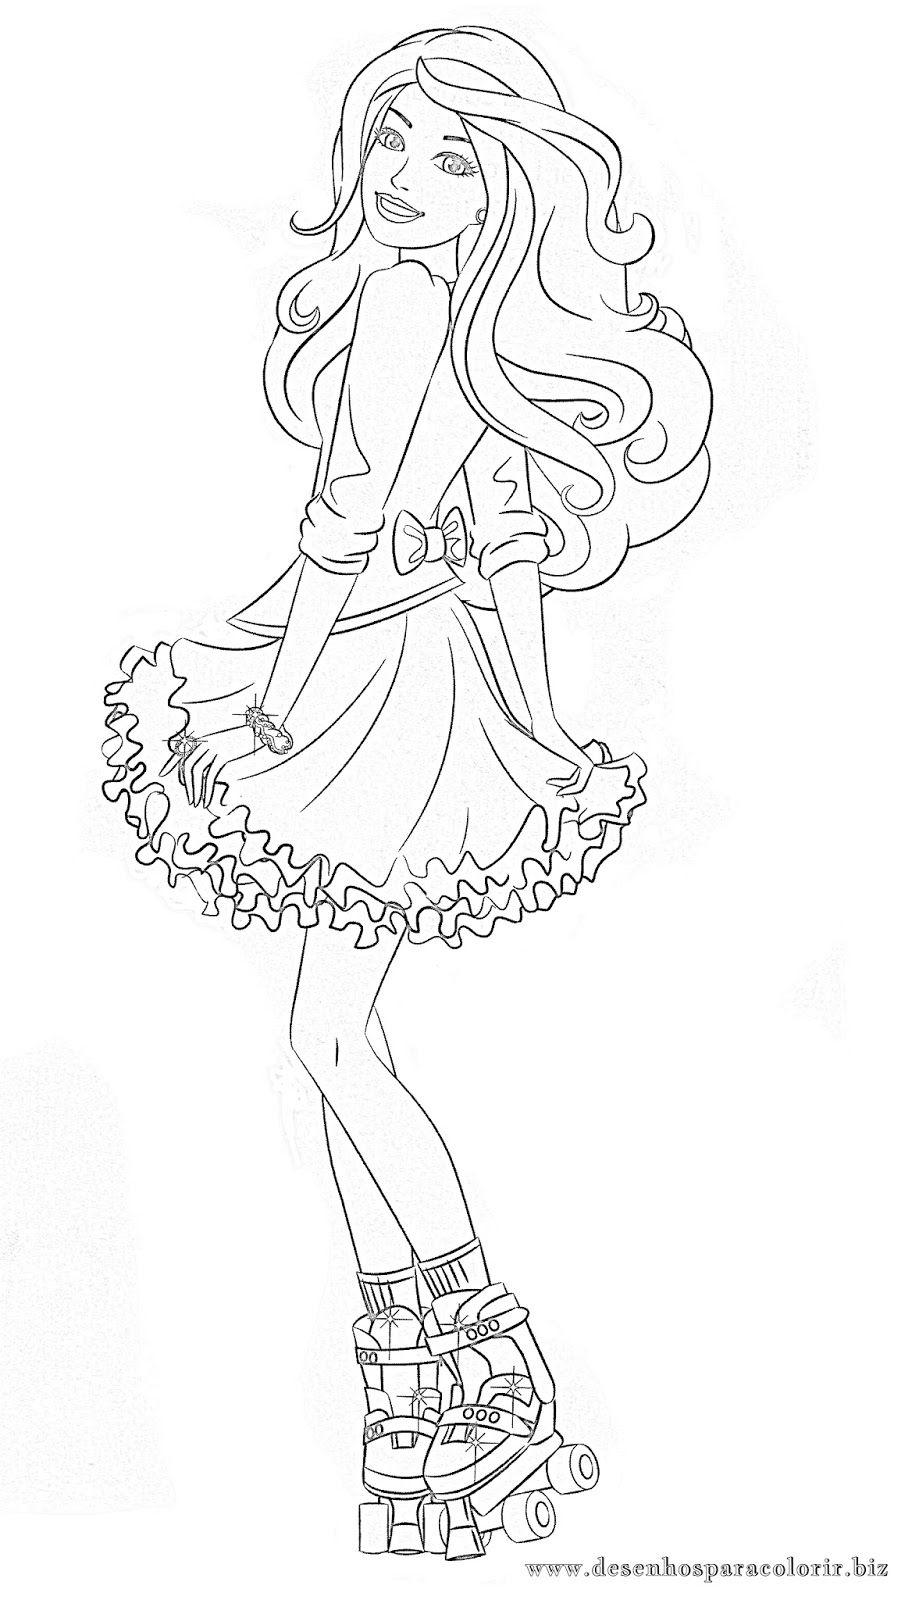 20 Desenhos da Barbie para imprimir | Barbie desenho, Barbie